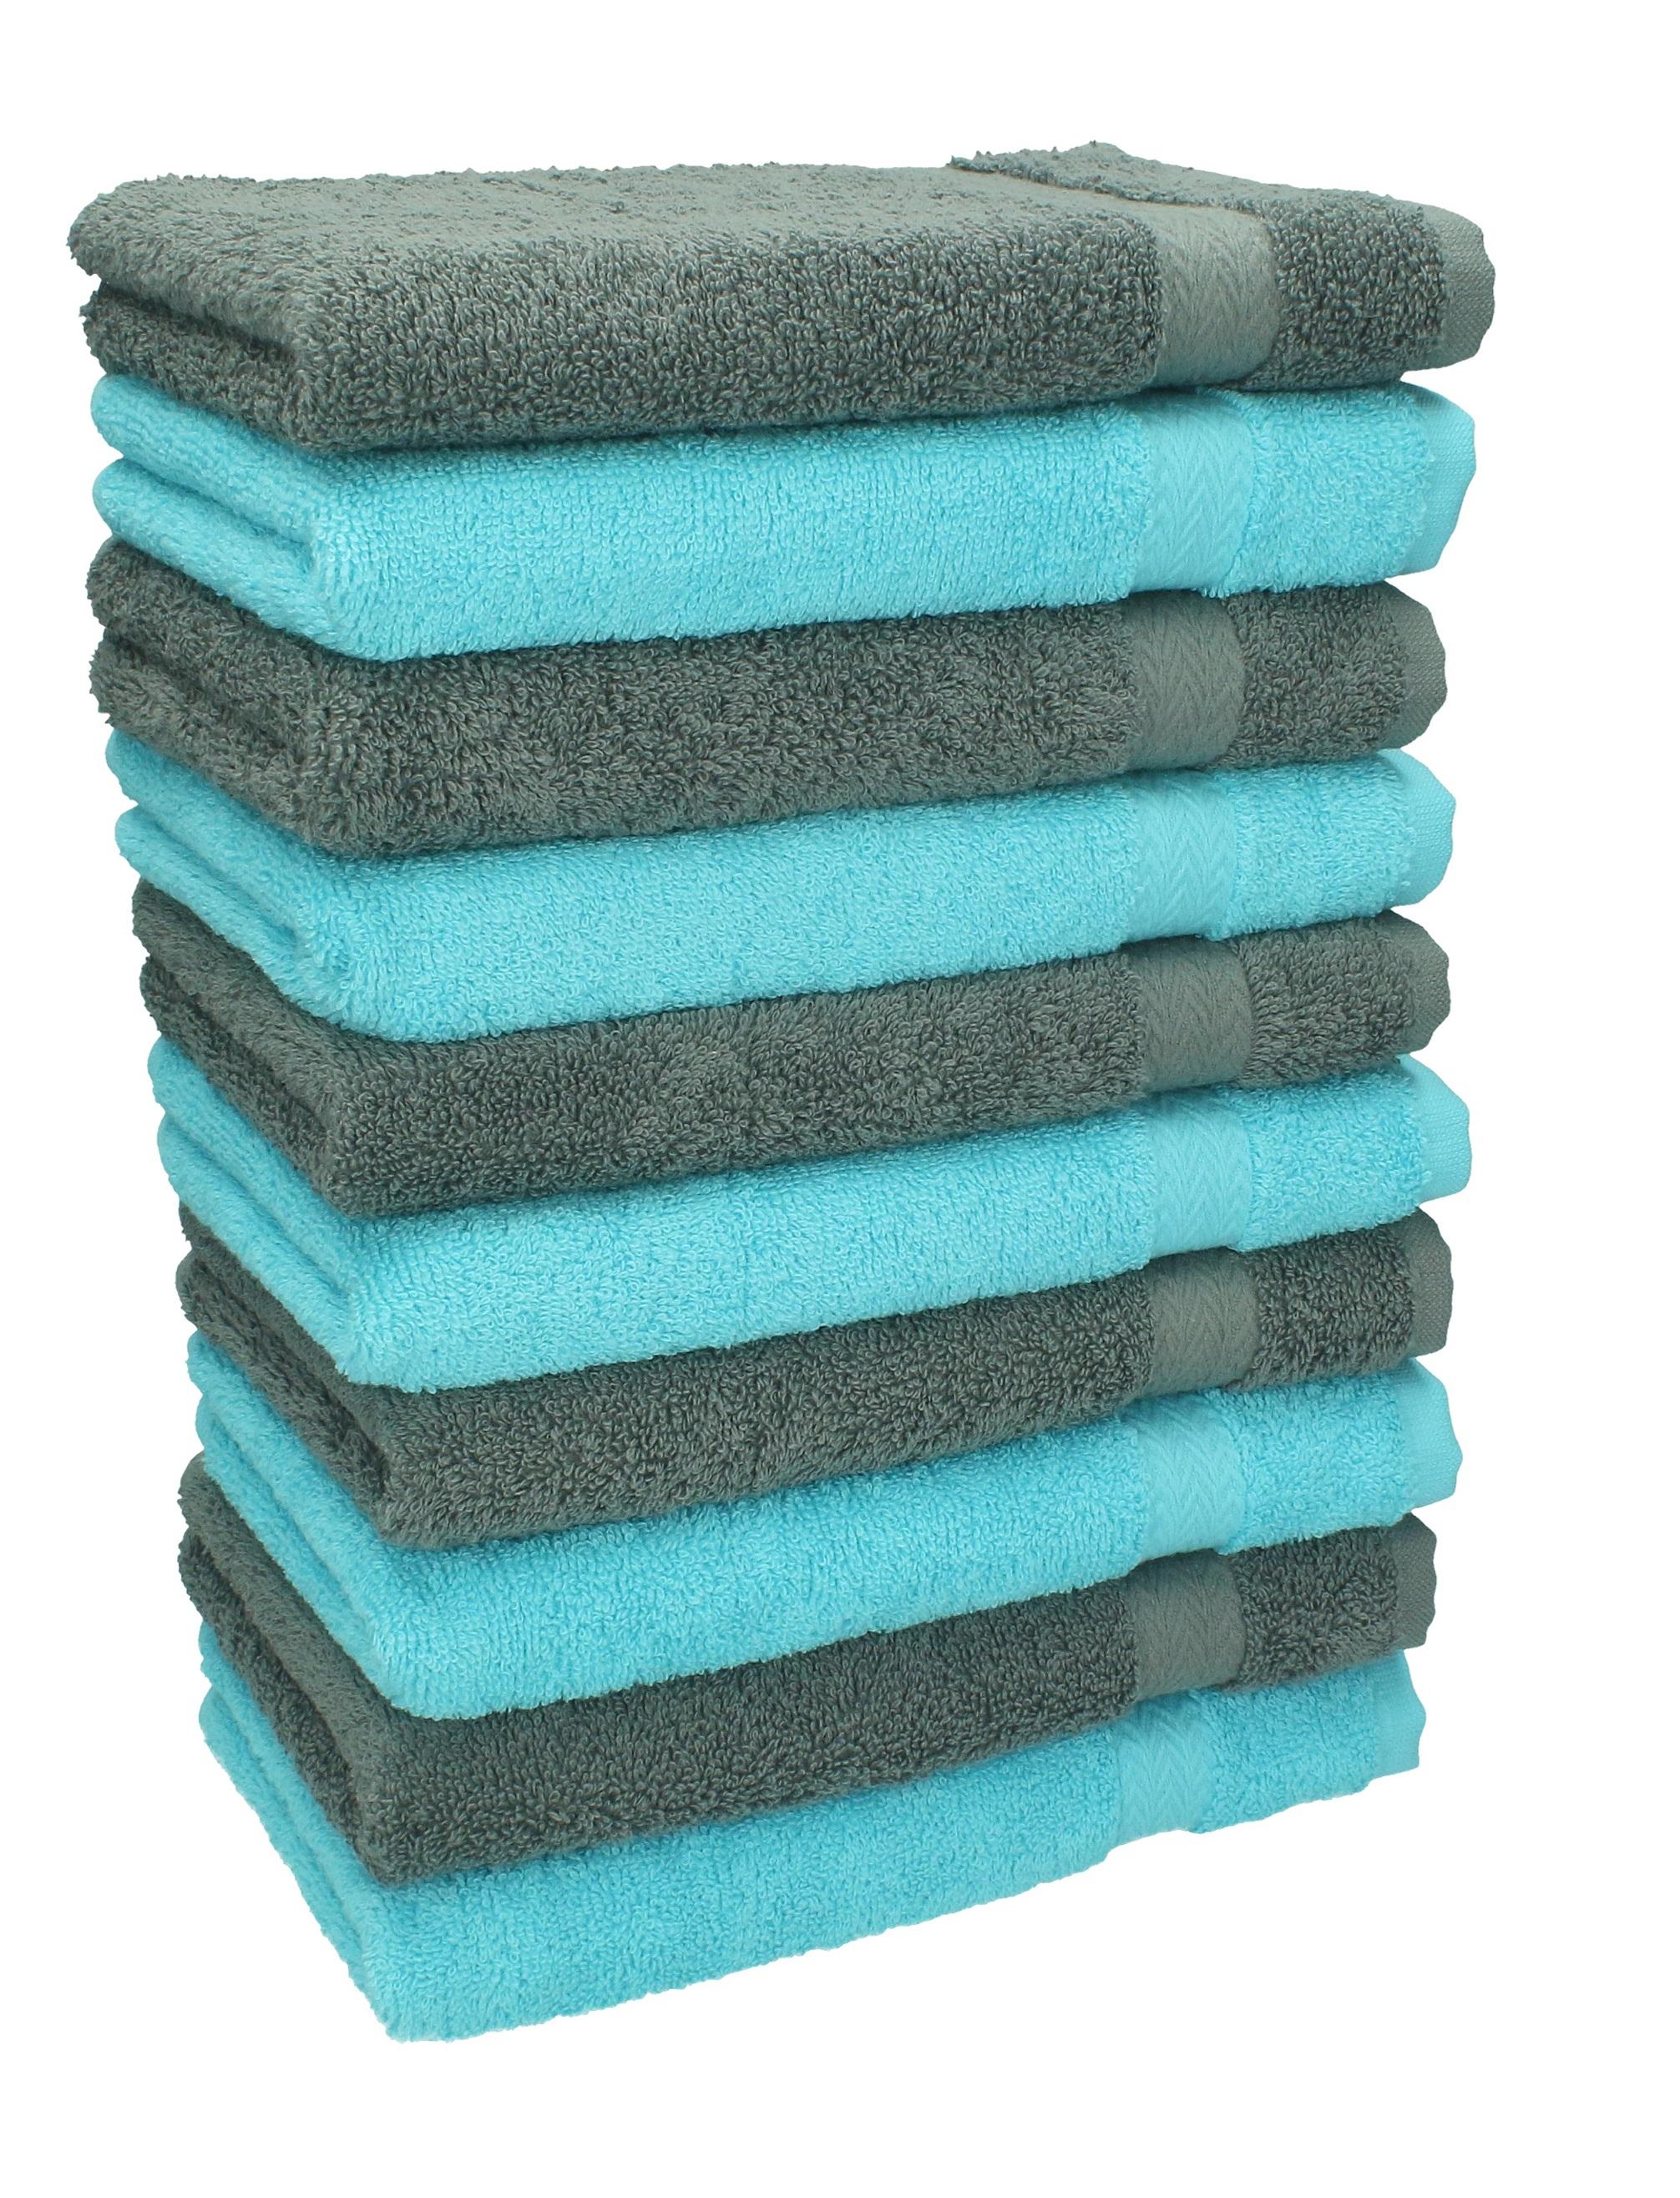 betz 10 st ck g stehandt cher premium 100 umwolle g stetuch set 30x50 cm farbe t rkis und. Black Bedroom Furniture Sets. Home Design Ideas